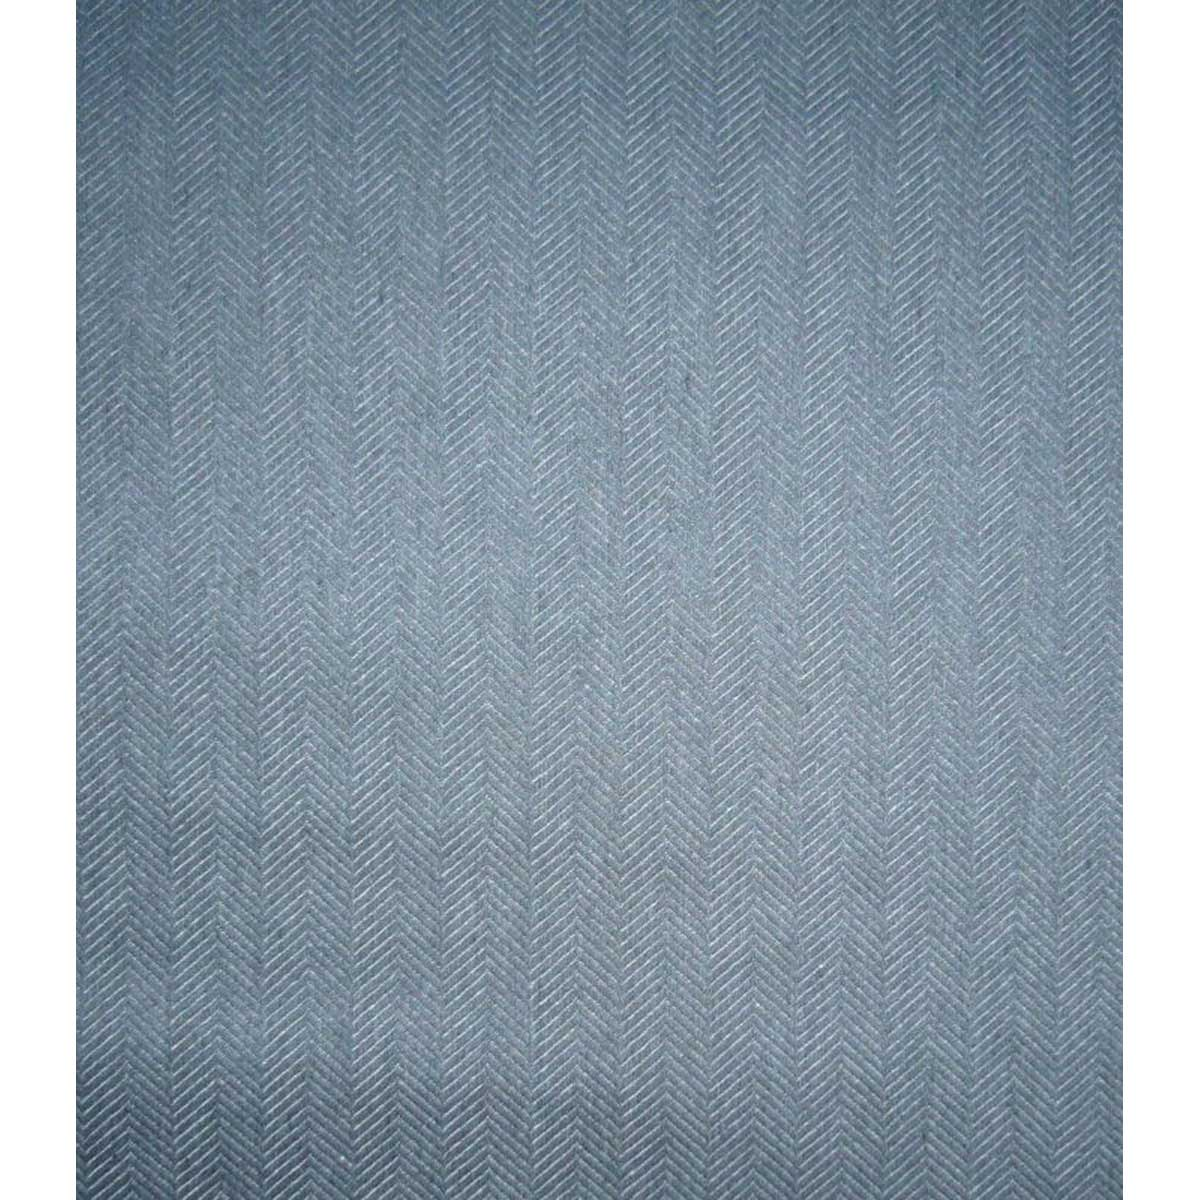 Tissu à tissage chevrons - Gris Foncé - 2.8 m